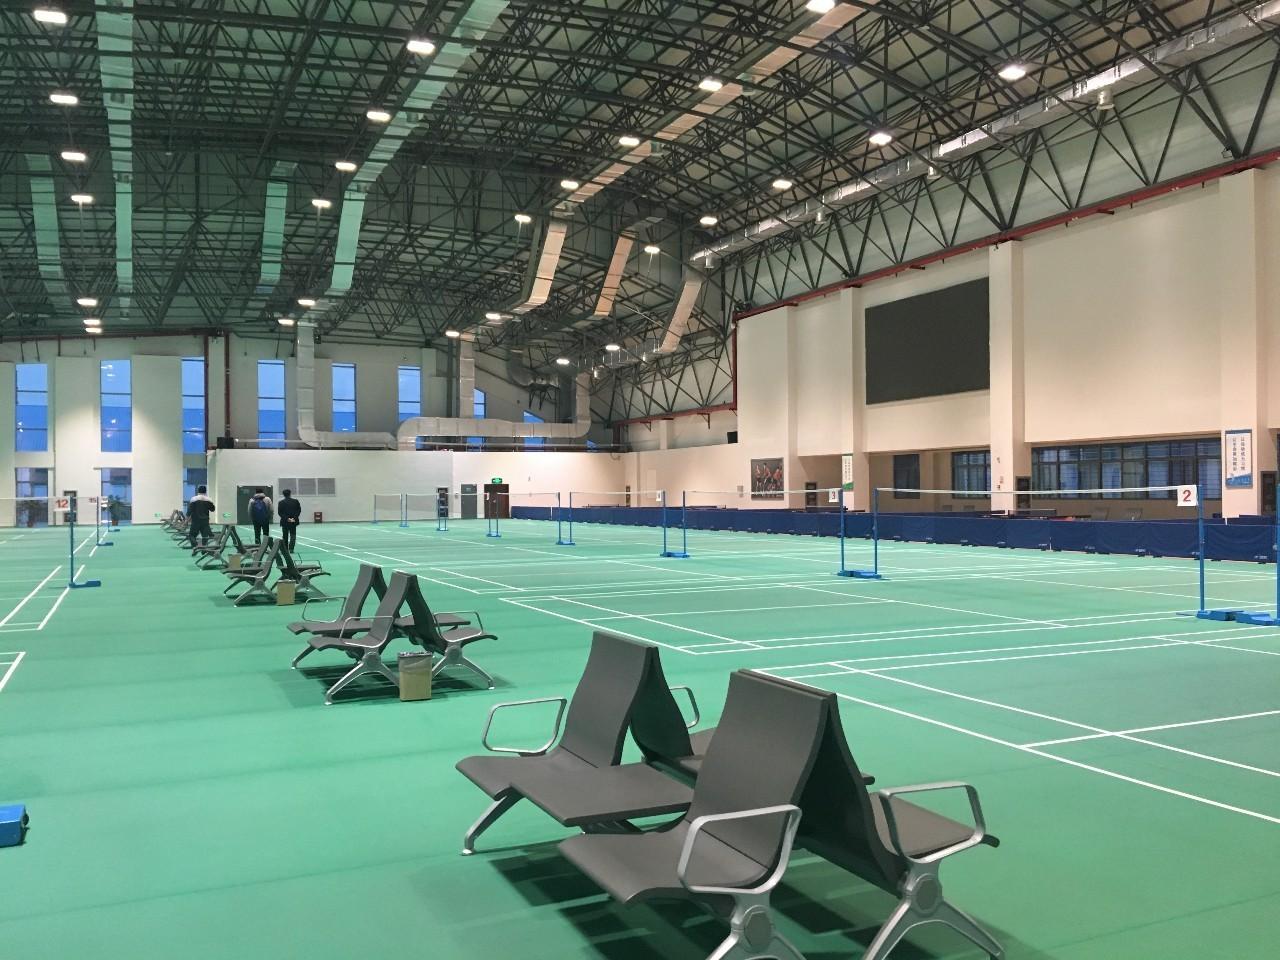 华西村投资建设的文体中心,羽毛球馆、篮球馆、健身房、电影院等一应俱全。